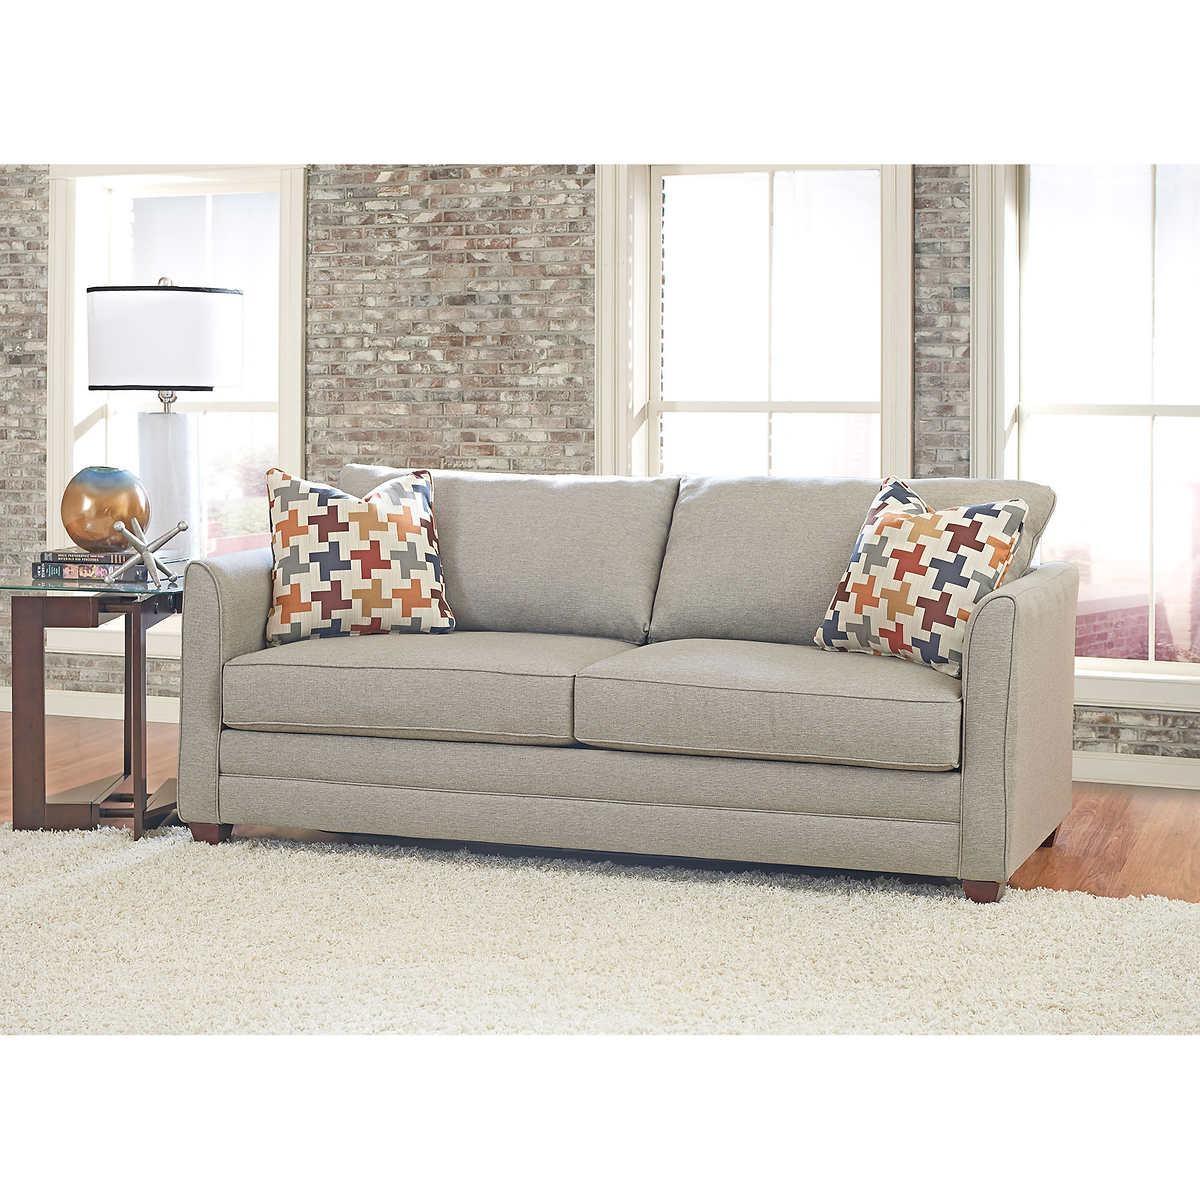 Epic Sleeper Sofa At Costco 35 On Queen Sleeper Sofa Sheets With With Queen Sleeper Sofa Sheets (View 15 of 20)